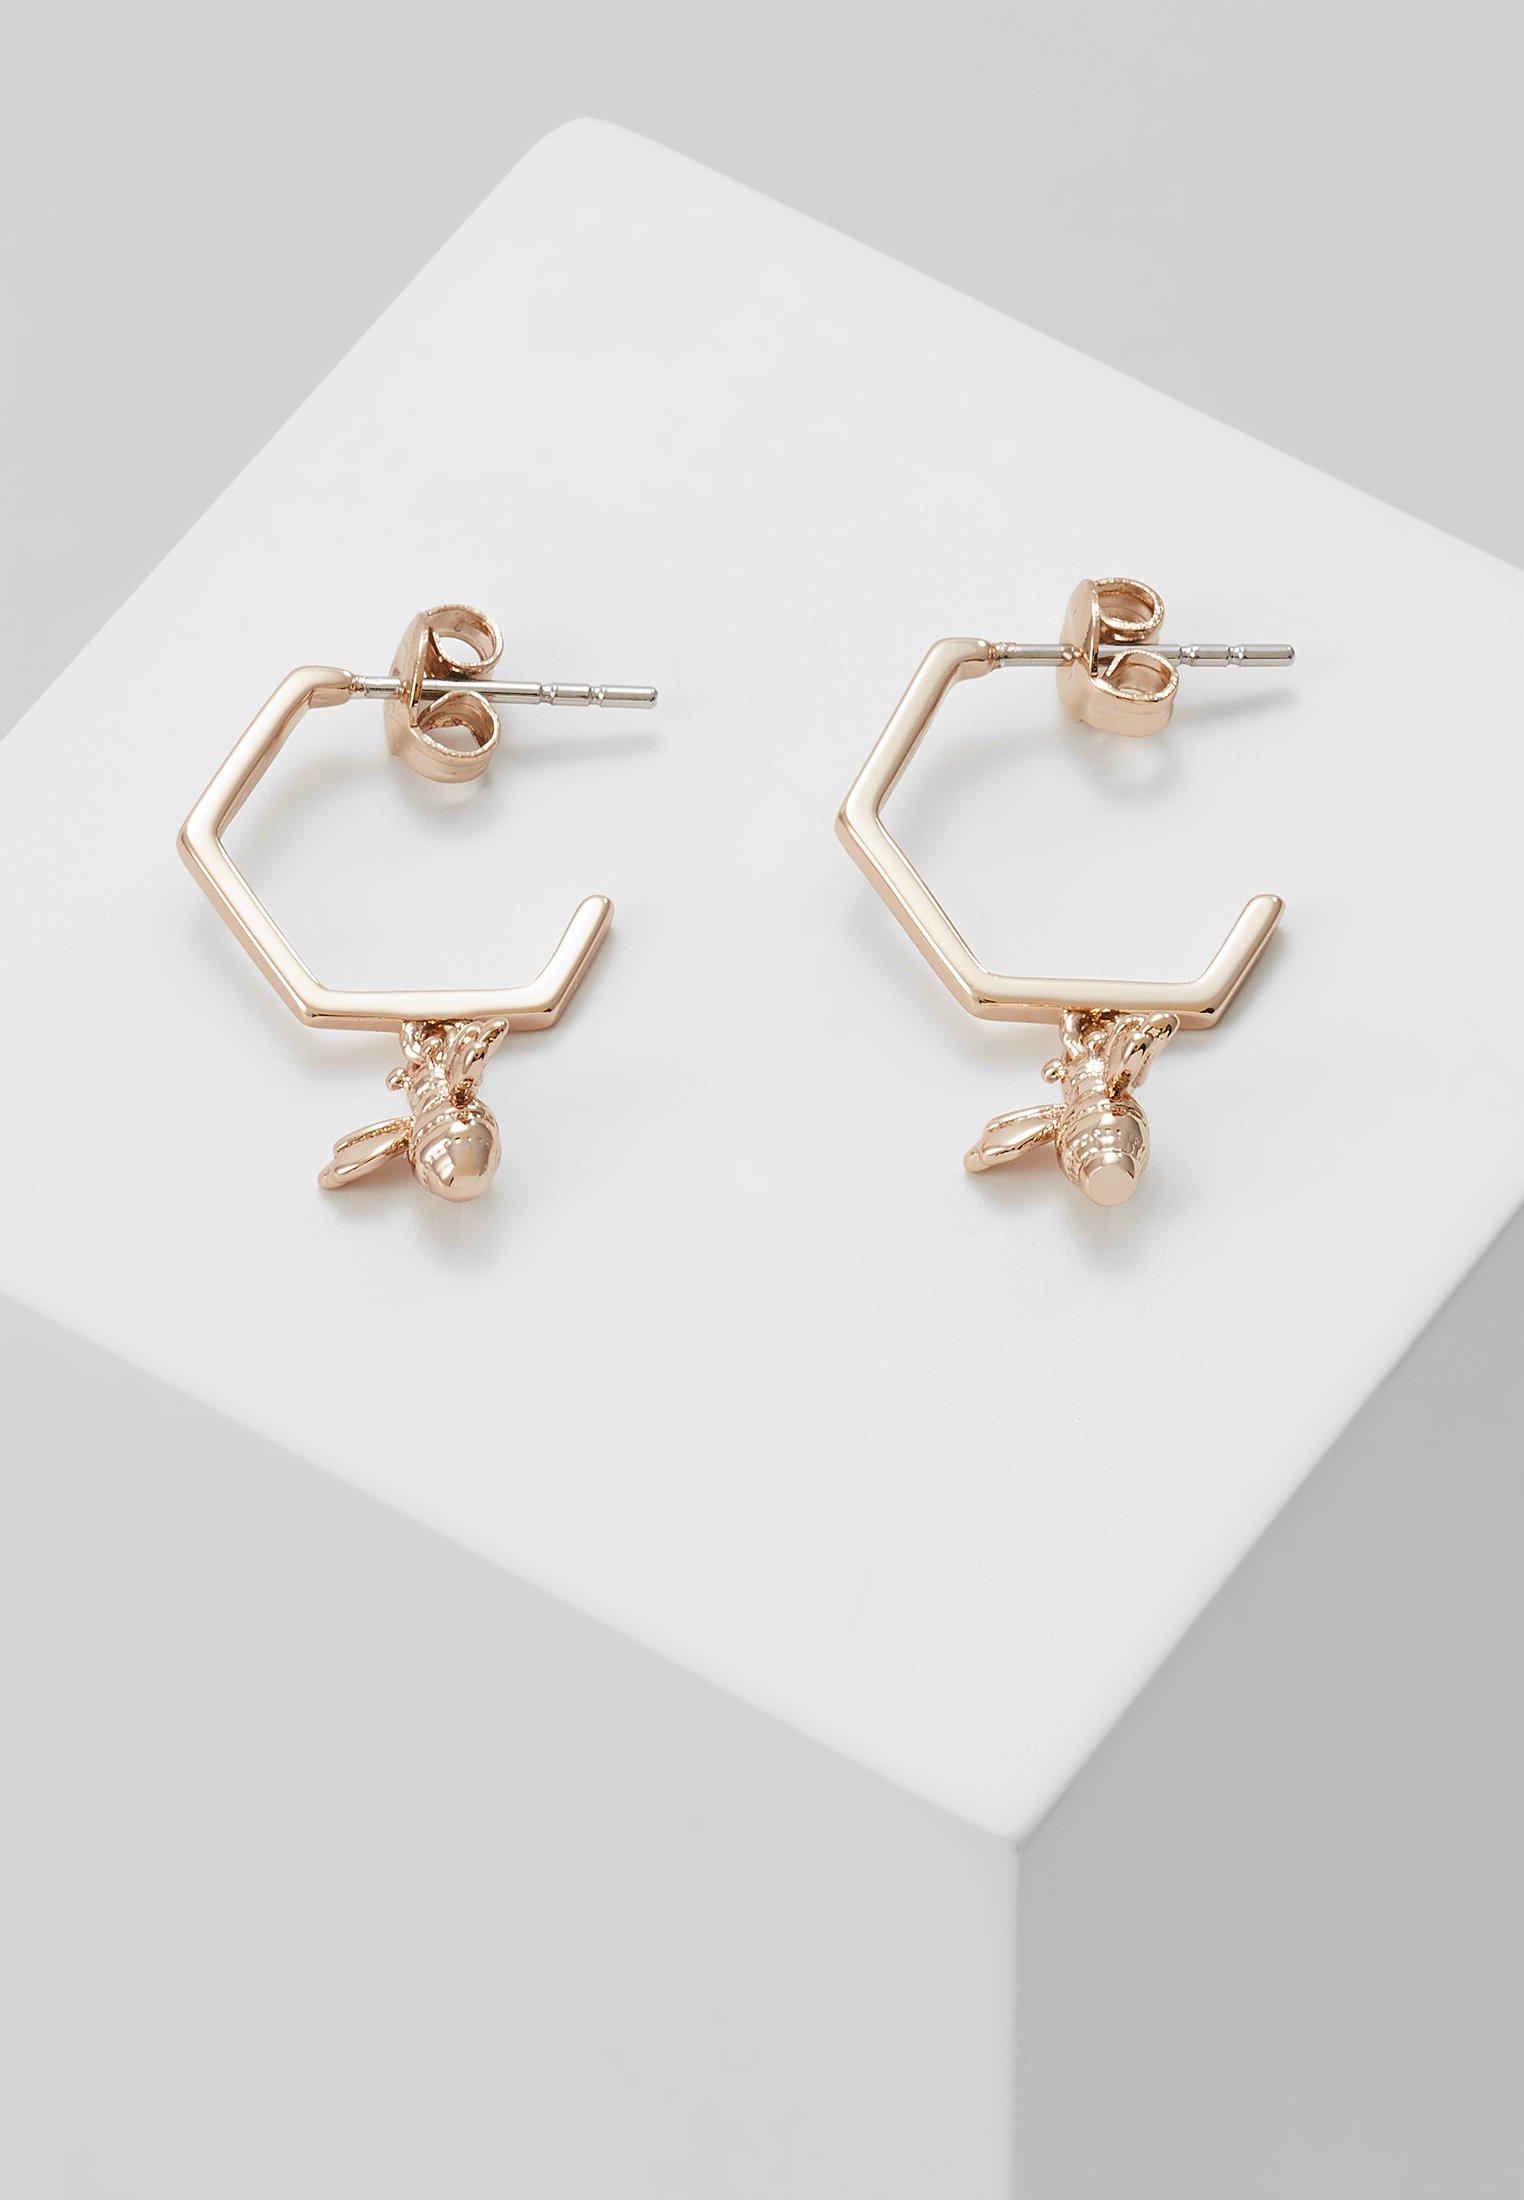 Women BEDZA BUMBLE BEE HOOP EARRING - Earrings